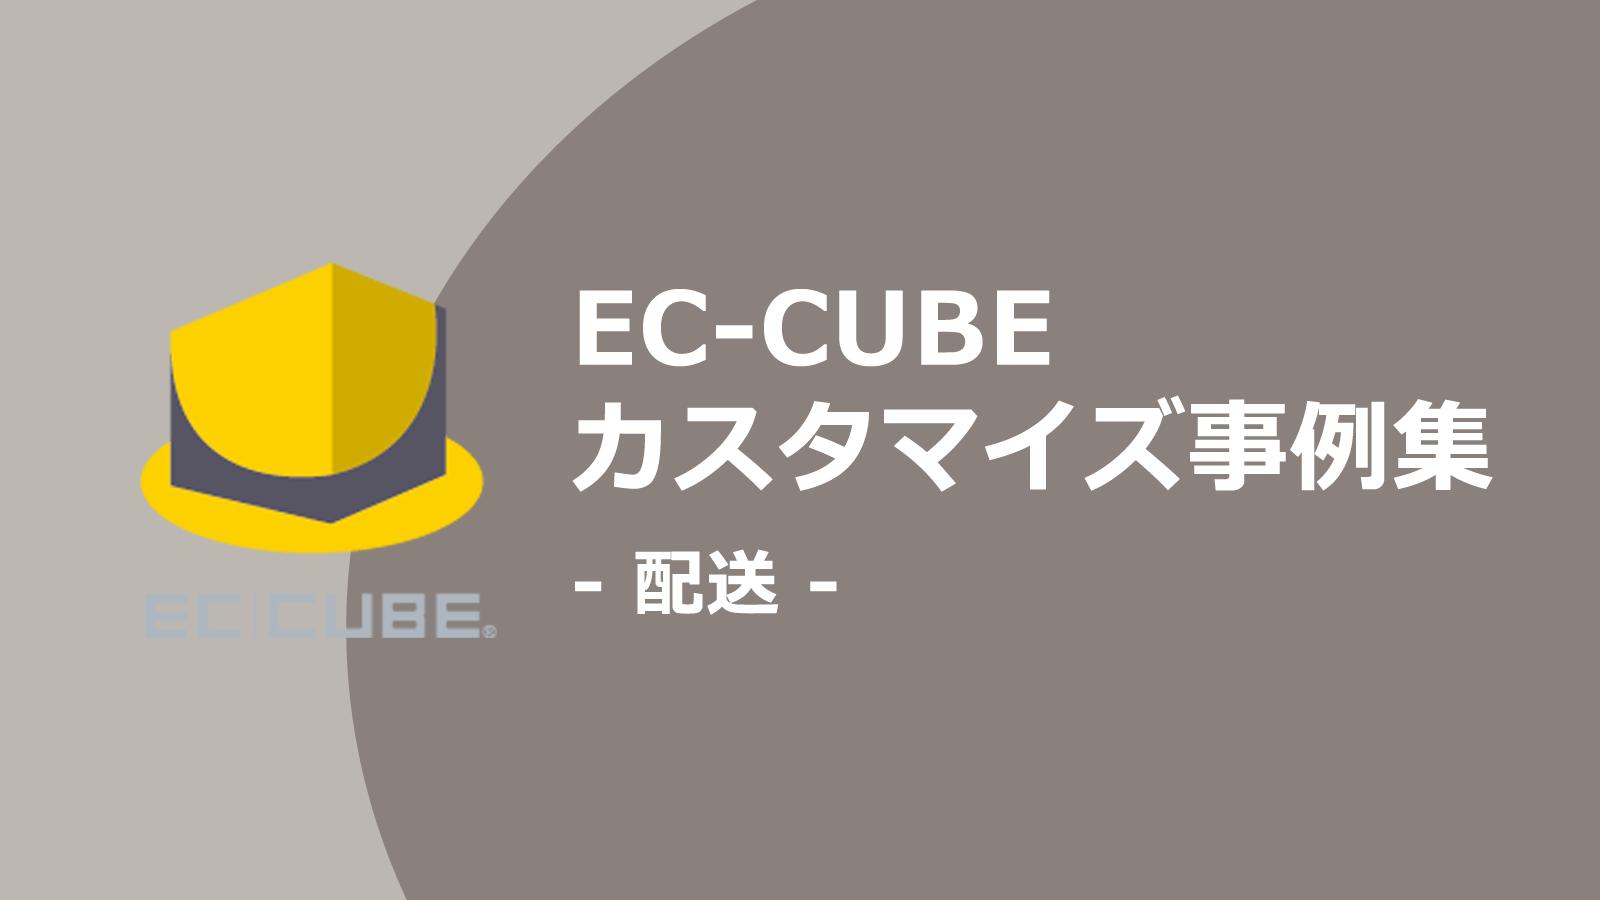 配送料金を細かく設定することができれば会員もECサイトもメリットが大きい。配送関連のEC-CUBEカスタマイズ事例集